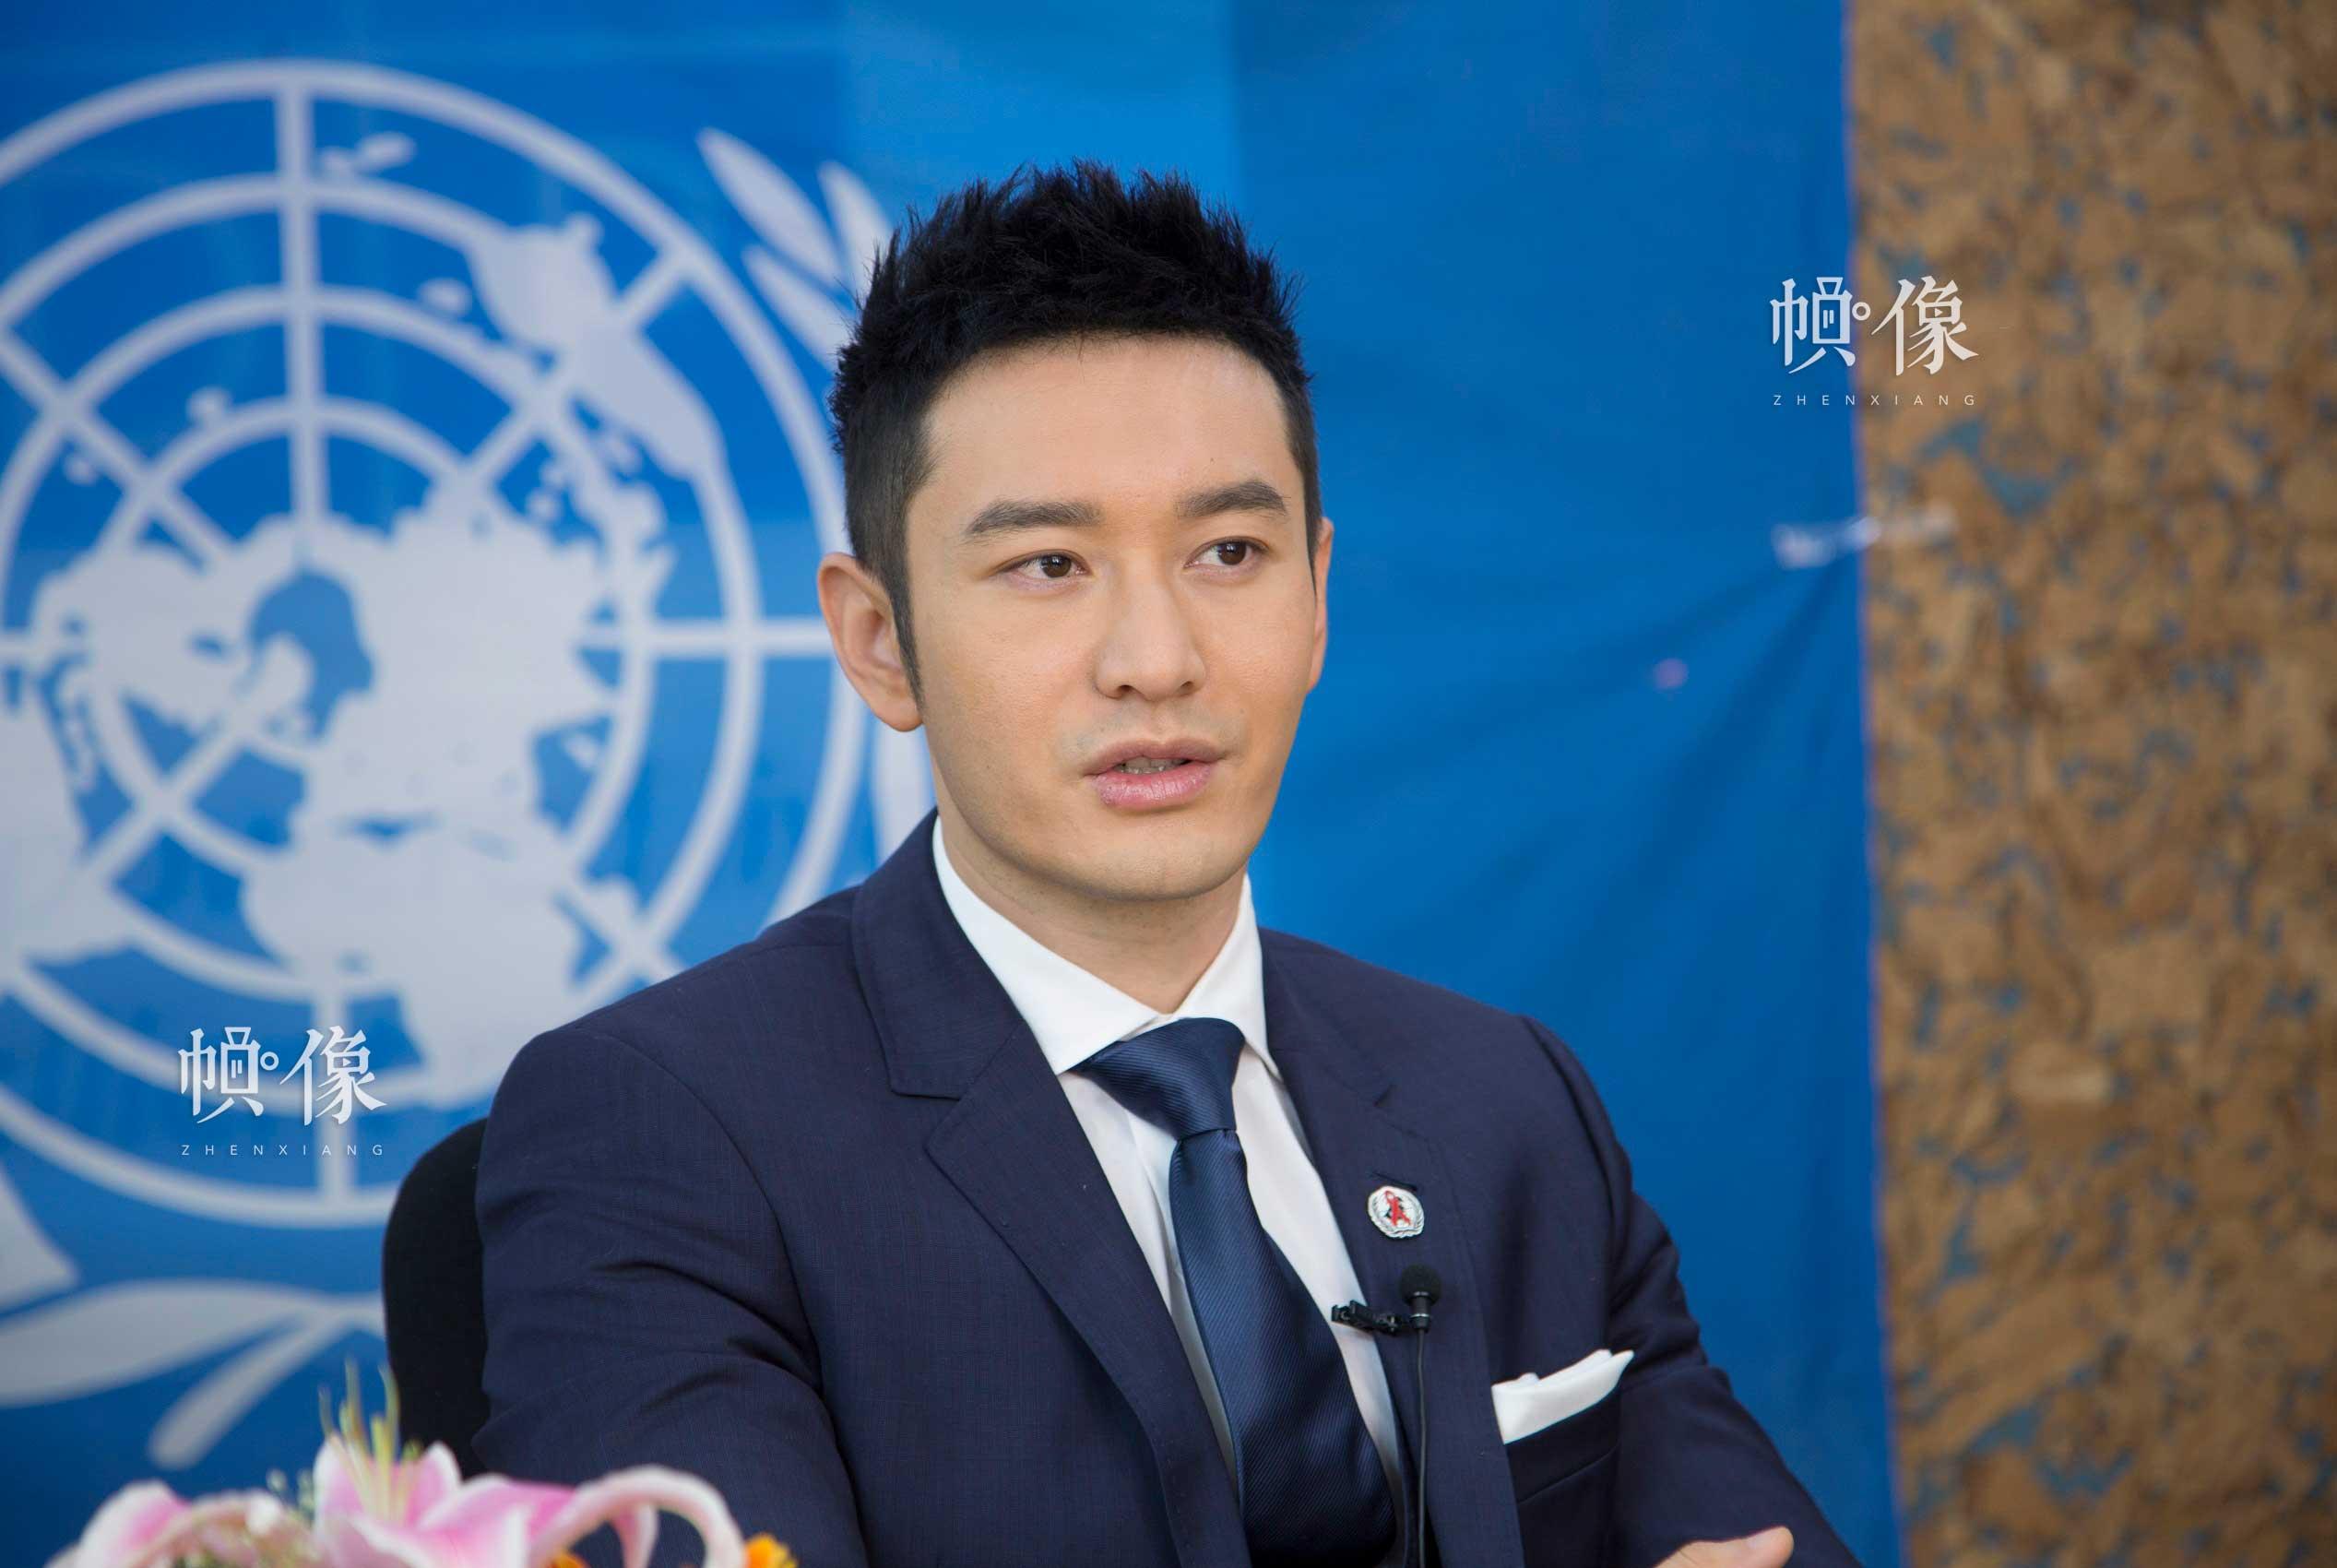 2017年5月12日,联合国艾滋病规划署亲善大使黄晓明在北京联合国大院接受中国网《帧像》栏目独家专访。中国网记者 高南 摄